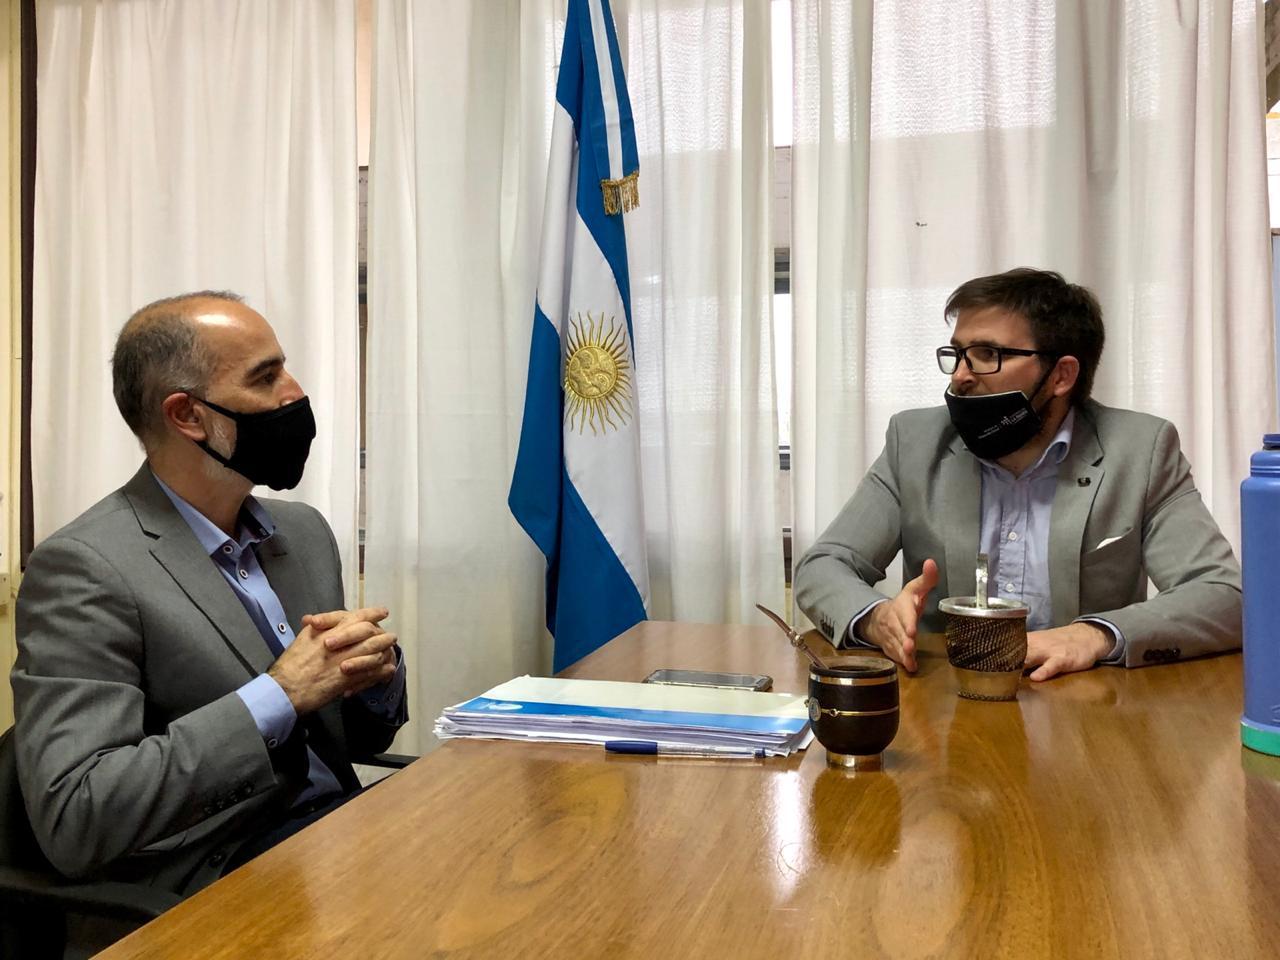 López visitó a Curciarello por modernización estatal y legislación de los servicios de internet